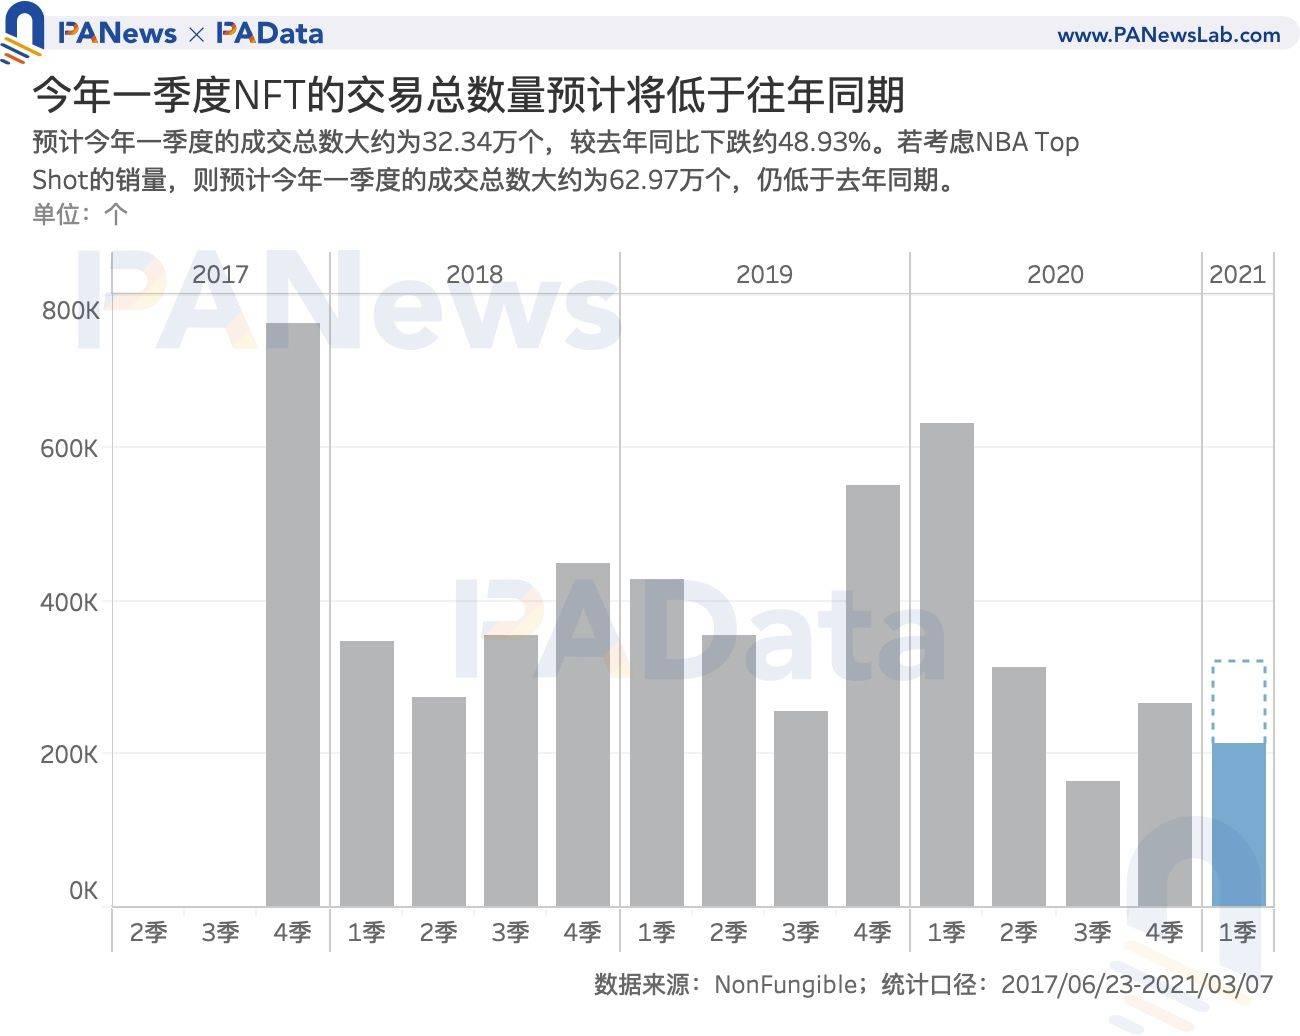 NFT爆火背后:Q1交易额达去年全年3.8倍,交易数量却不及往